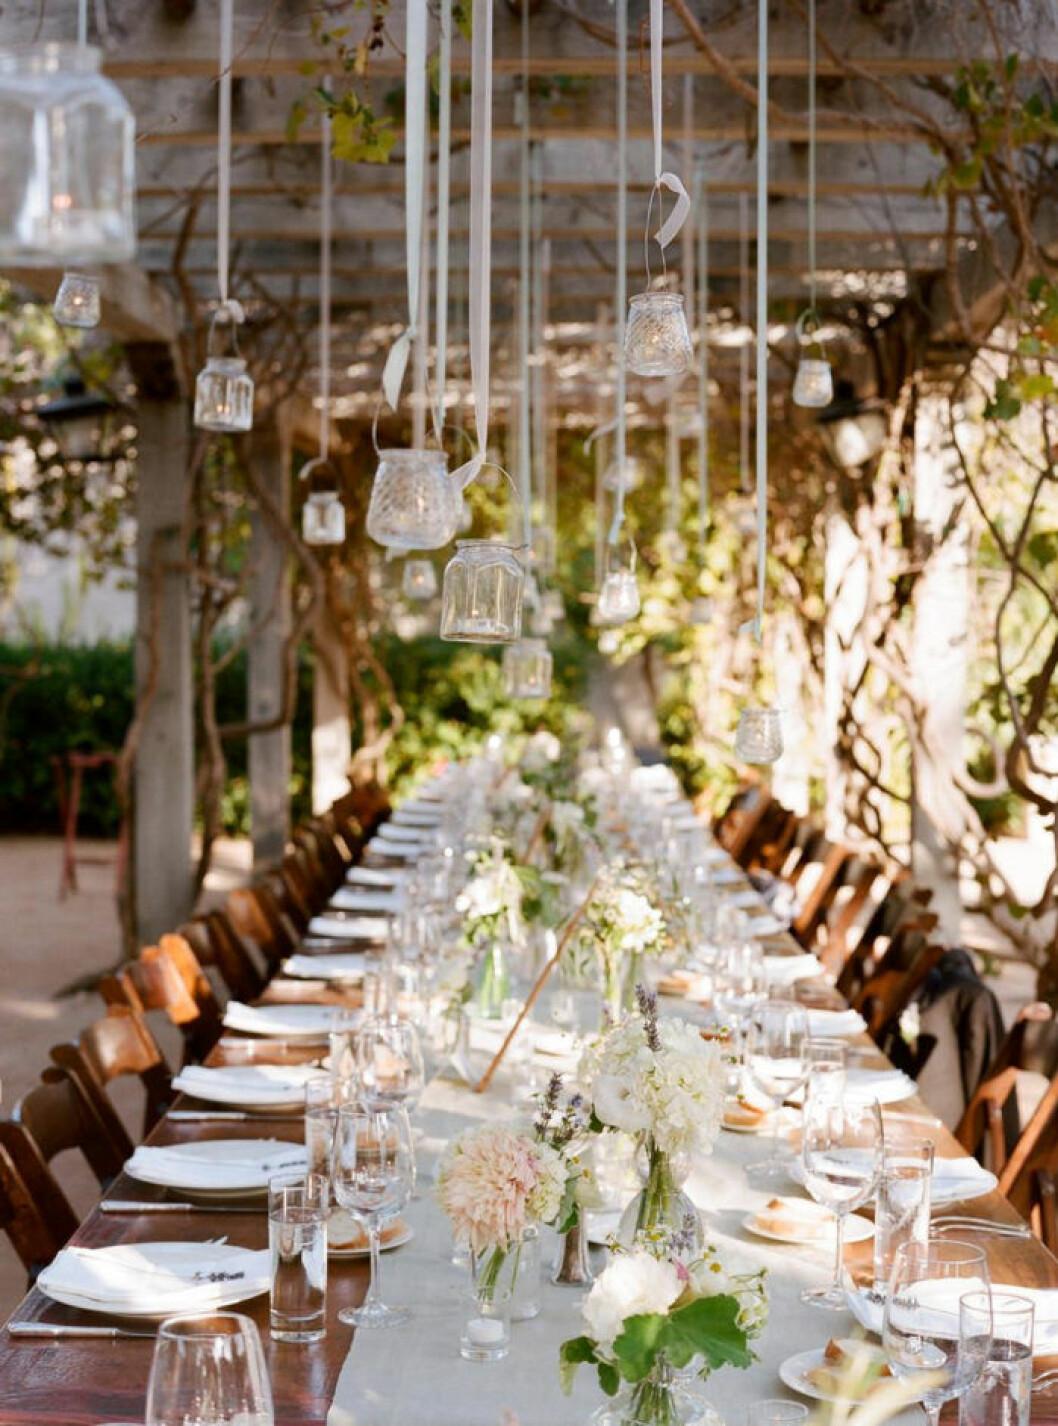 små vaser hänger ner från taket istället för att placeras på bordet